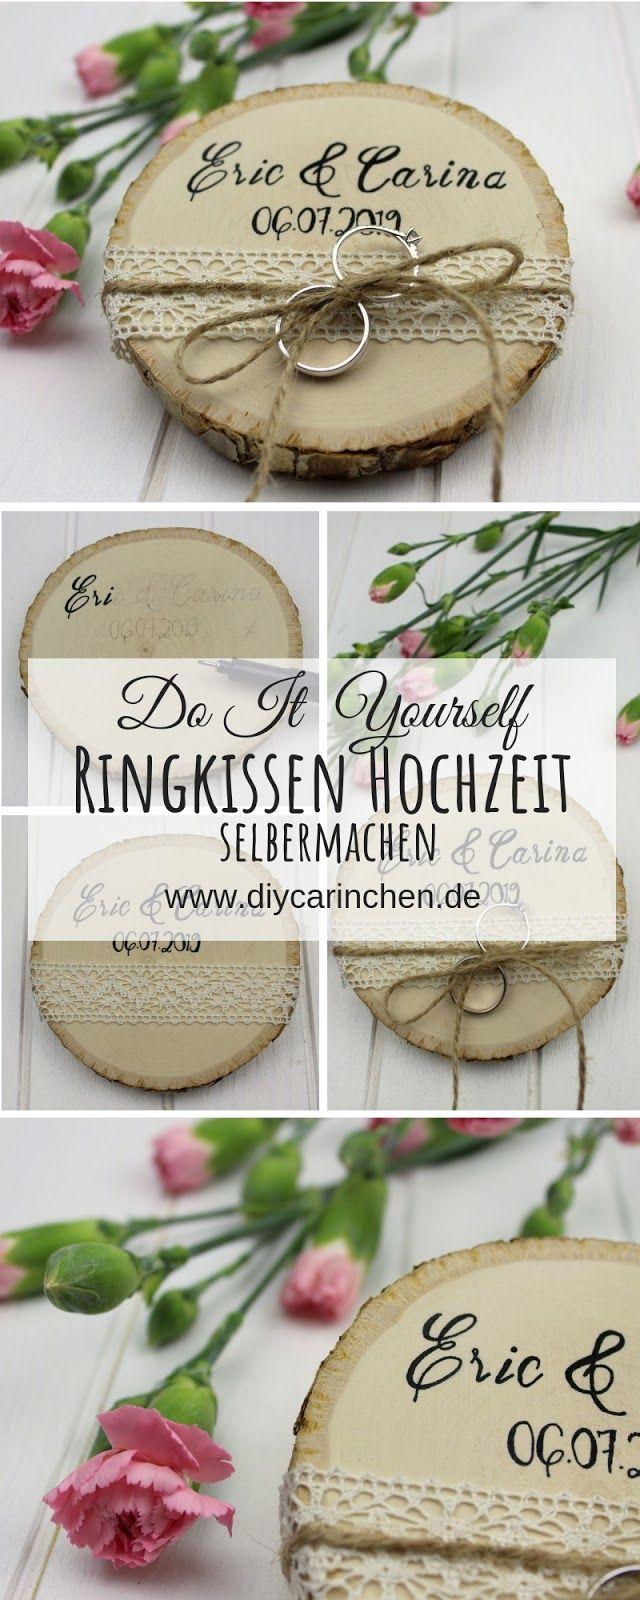 Bricolaje: simplemente haga una almohada de anillo rústica en una rebanada de árbol usted mismo